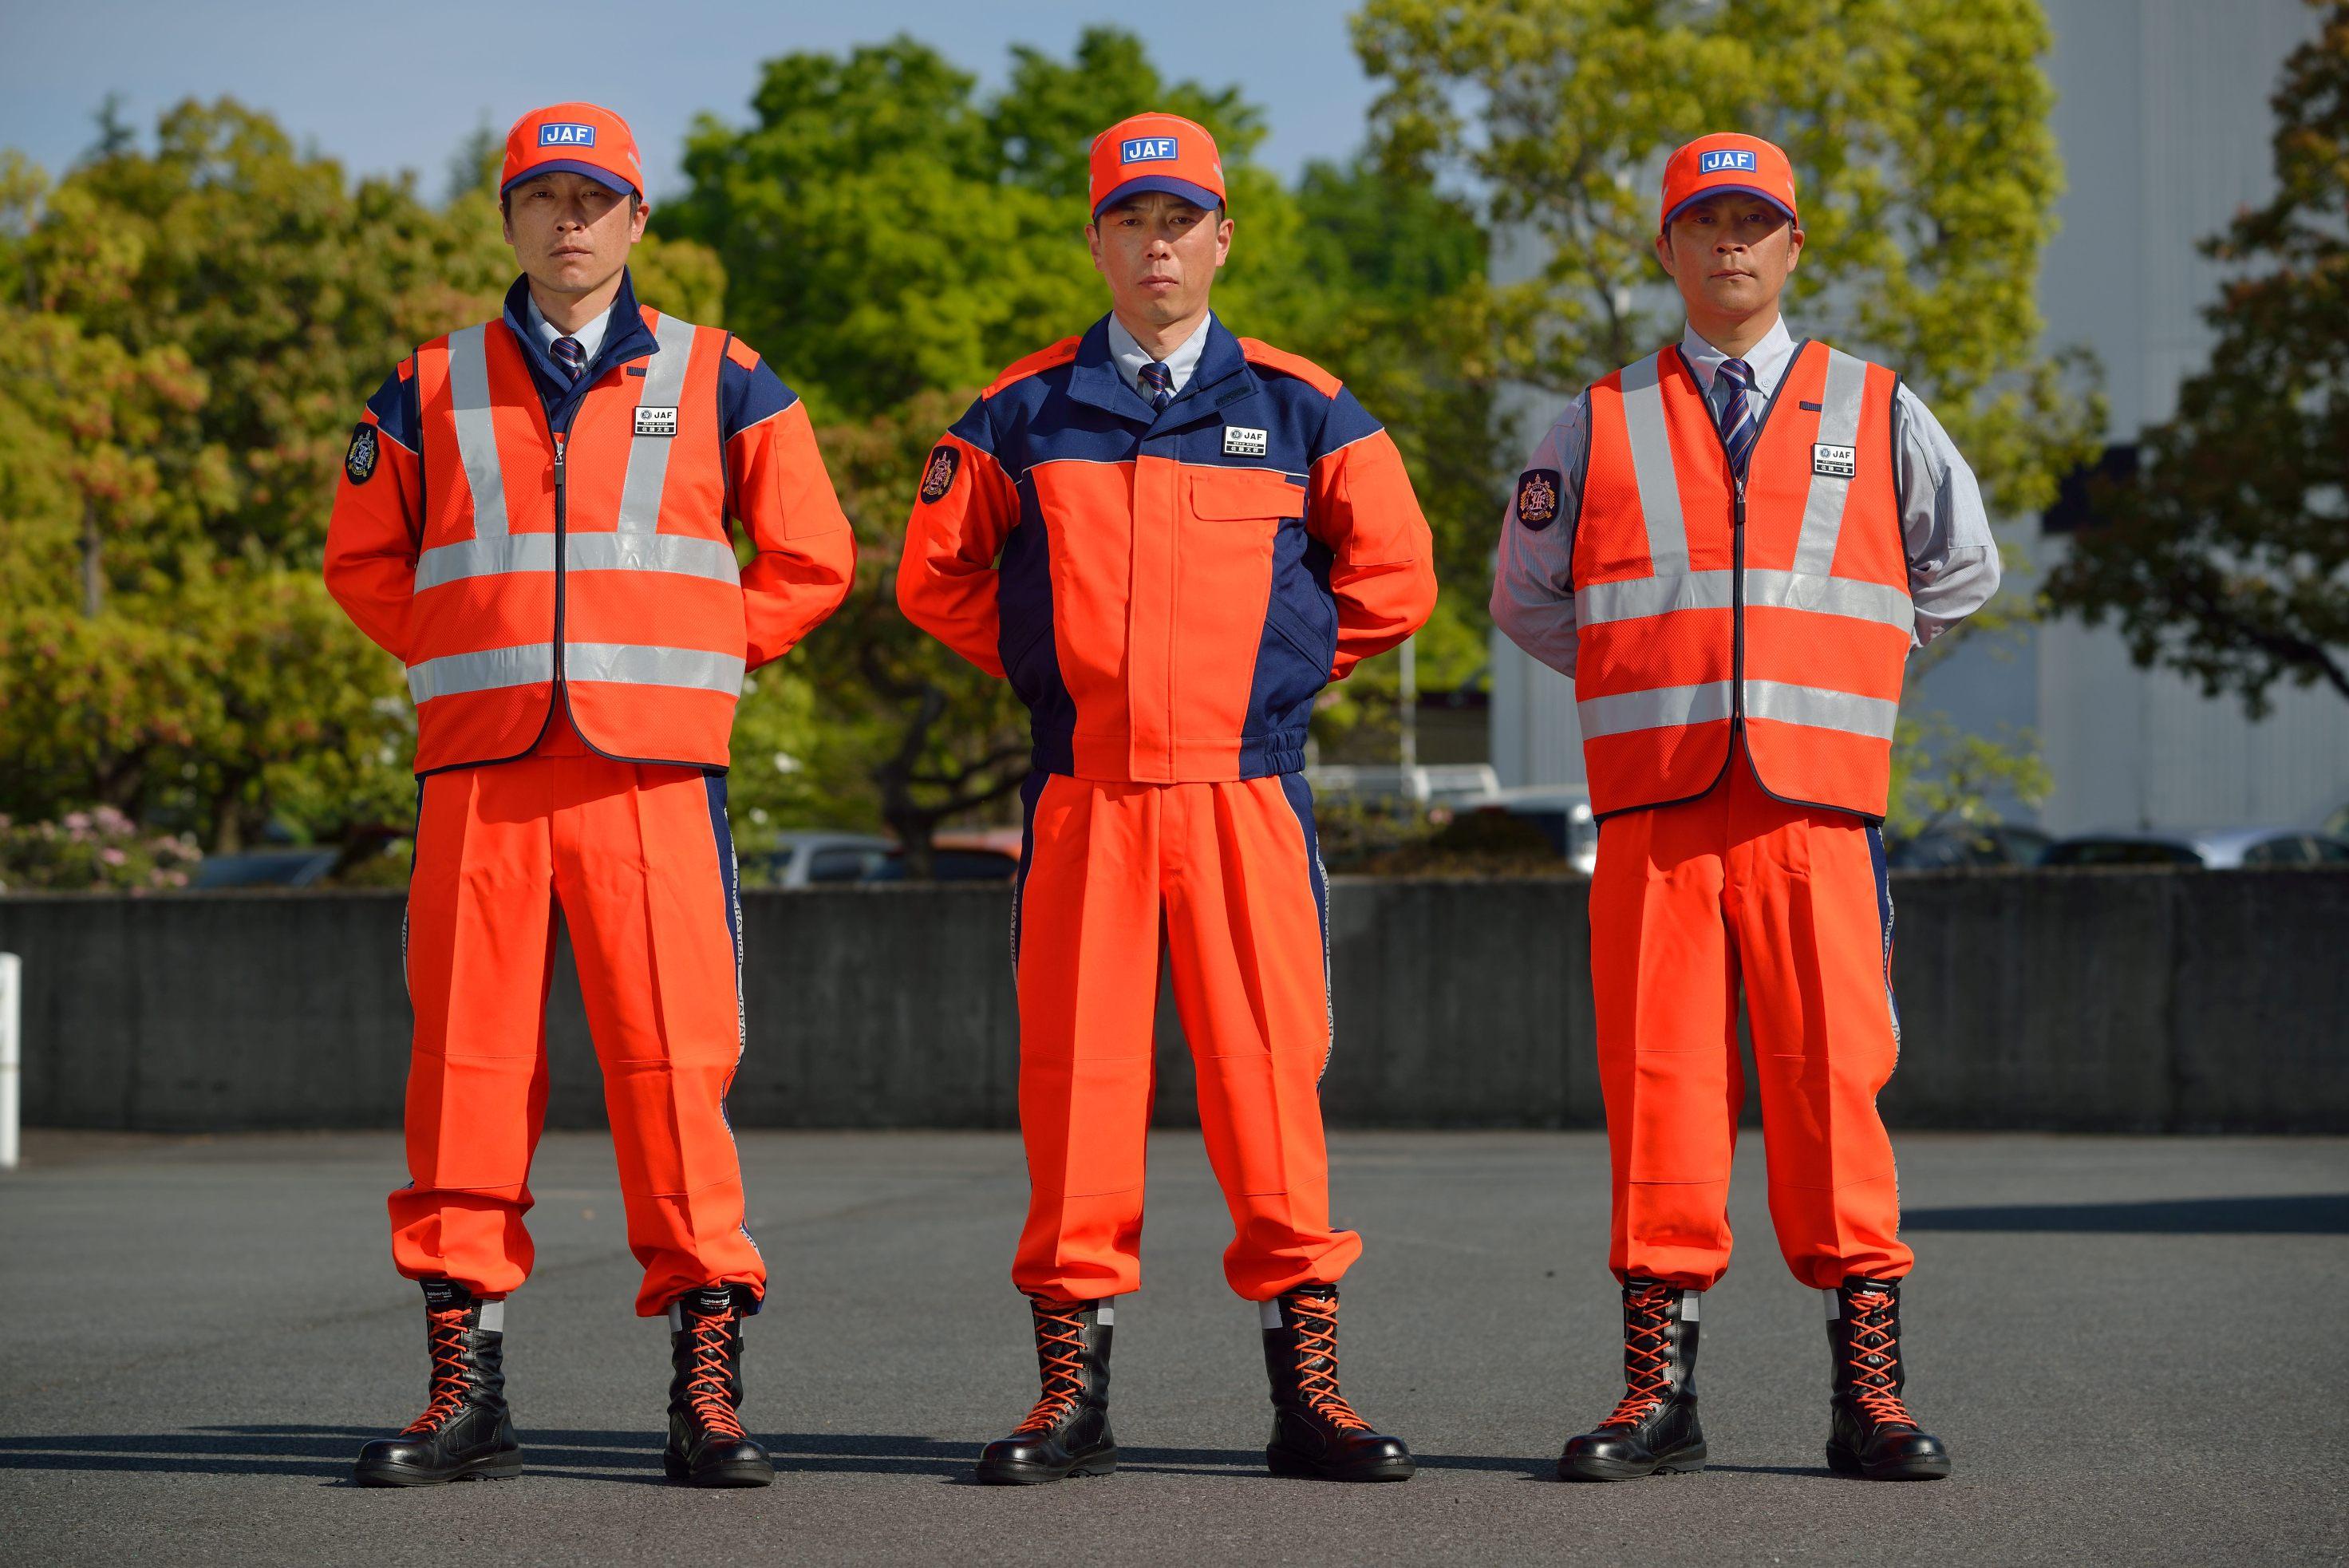 JAFロードサービス隊員のオレンジ制服をリニューアル! ISO規格に基づいた改良で視認性を向上